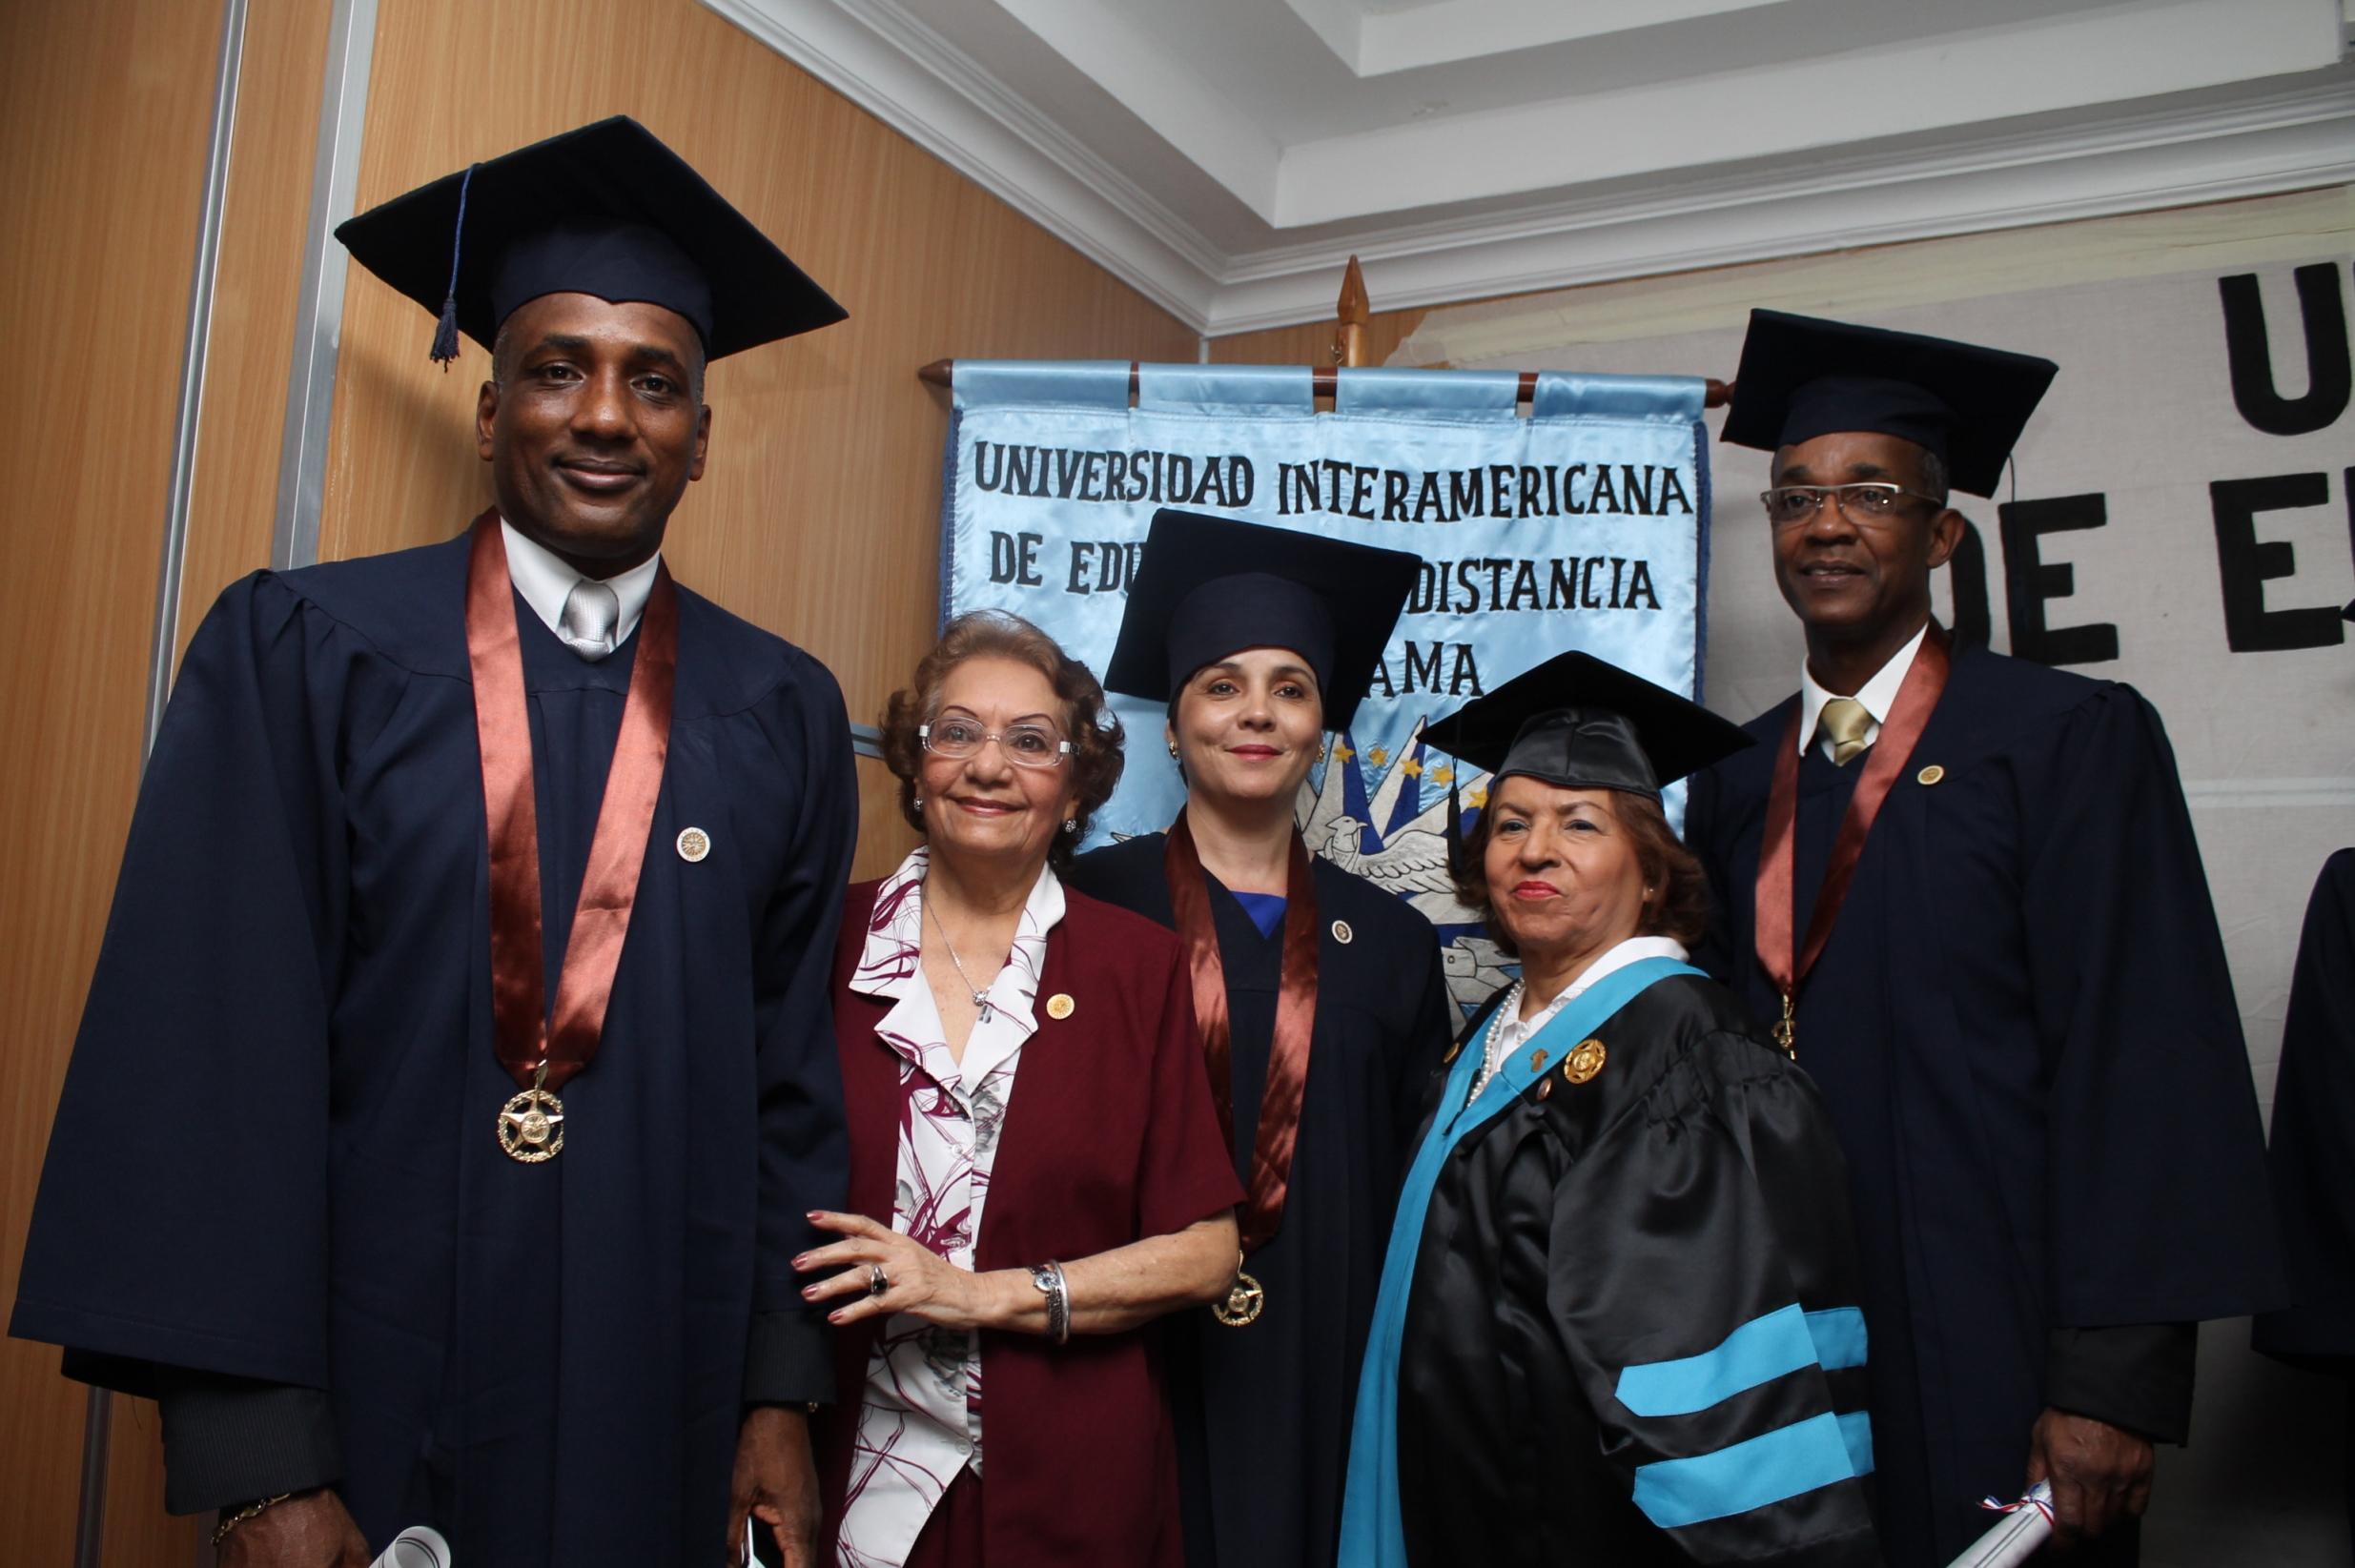 Dras. Carrion, De Kraff y Graduados.